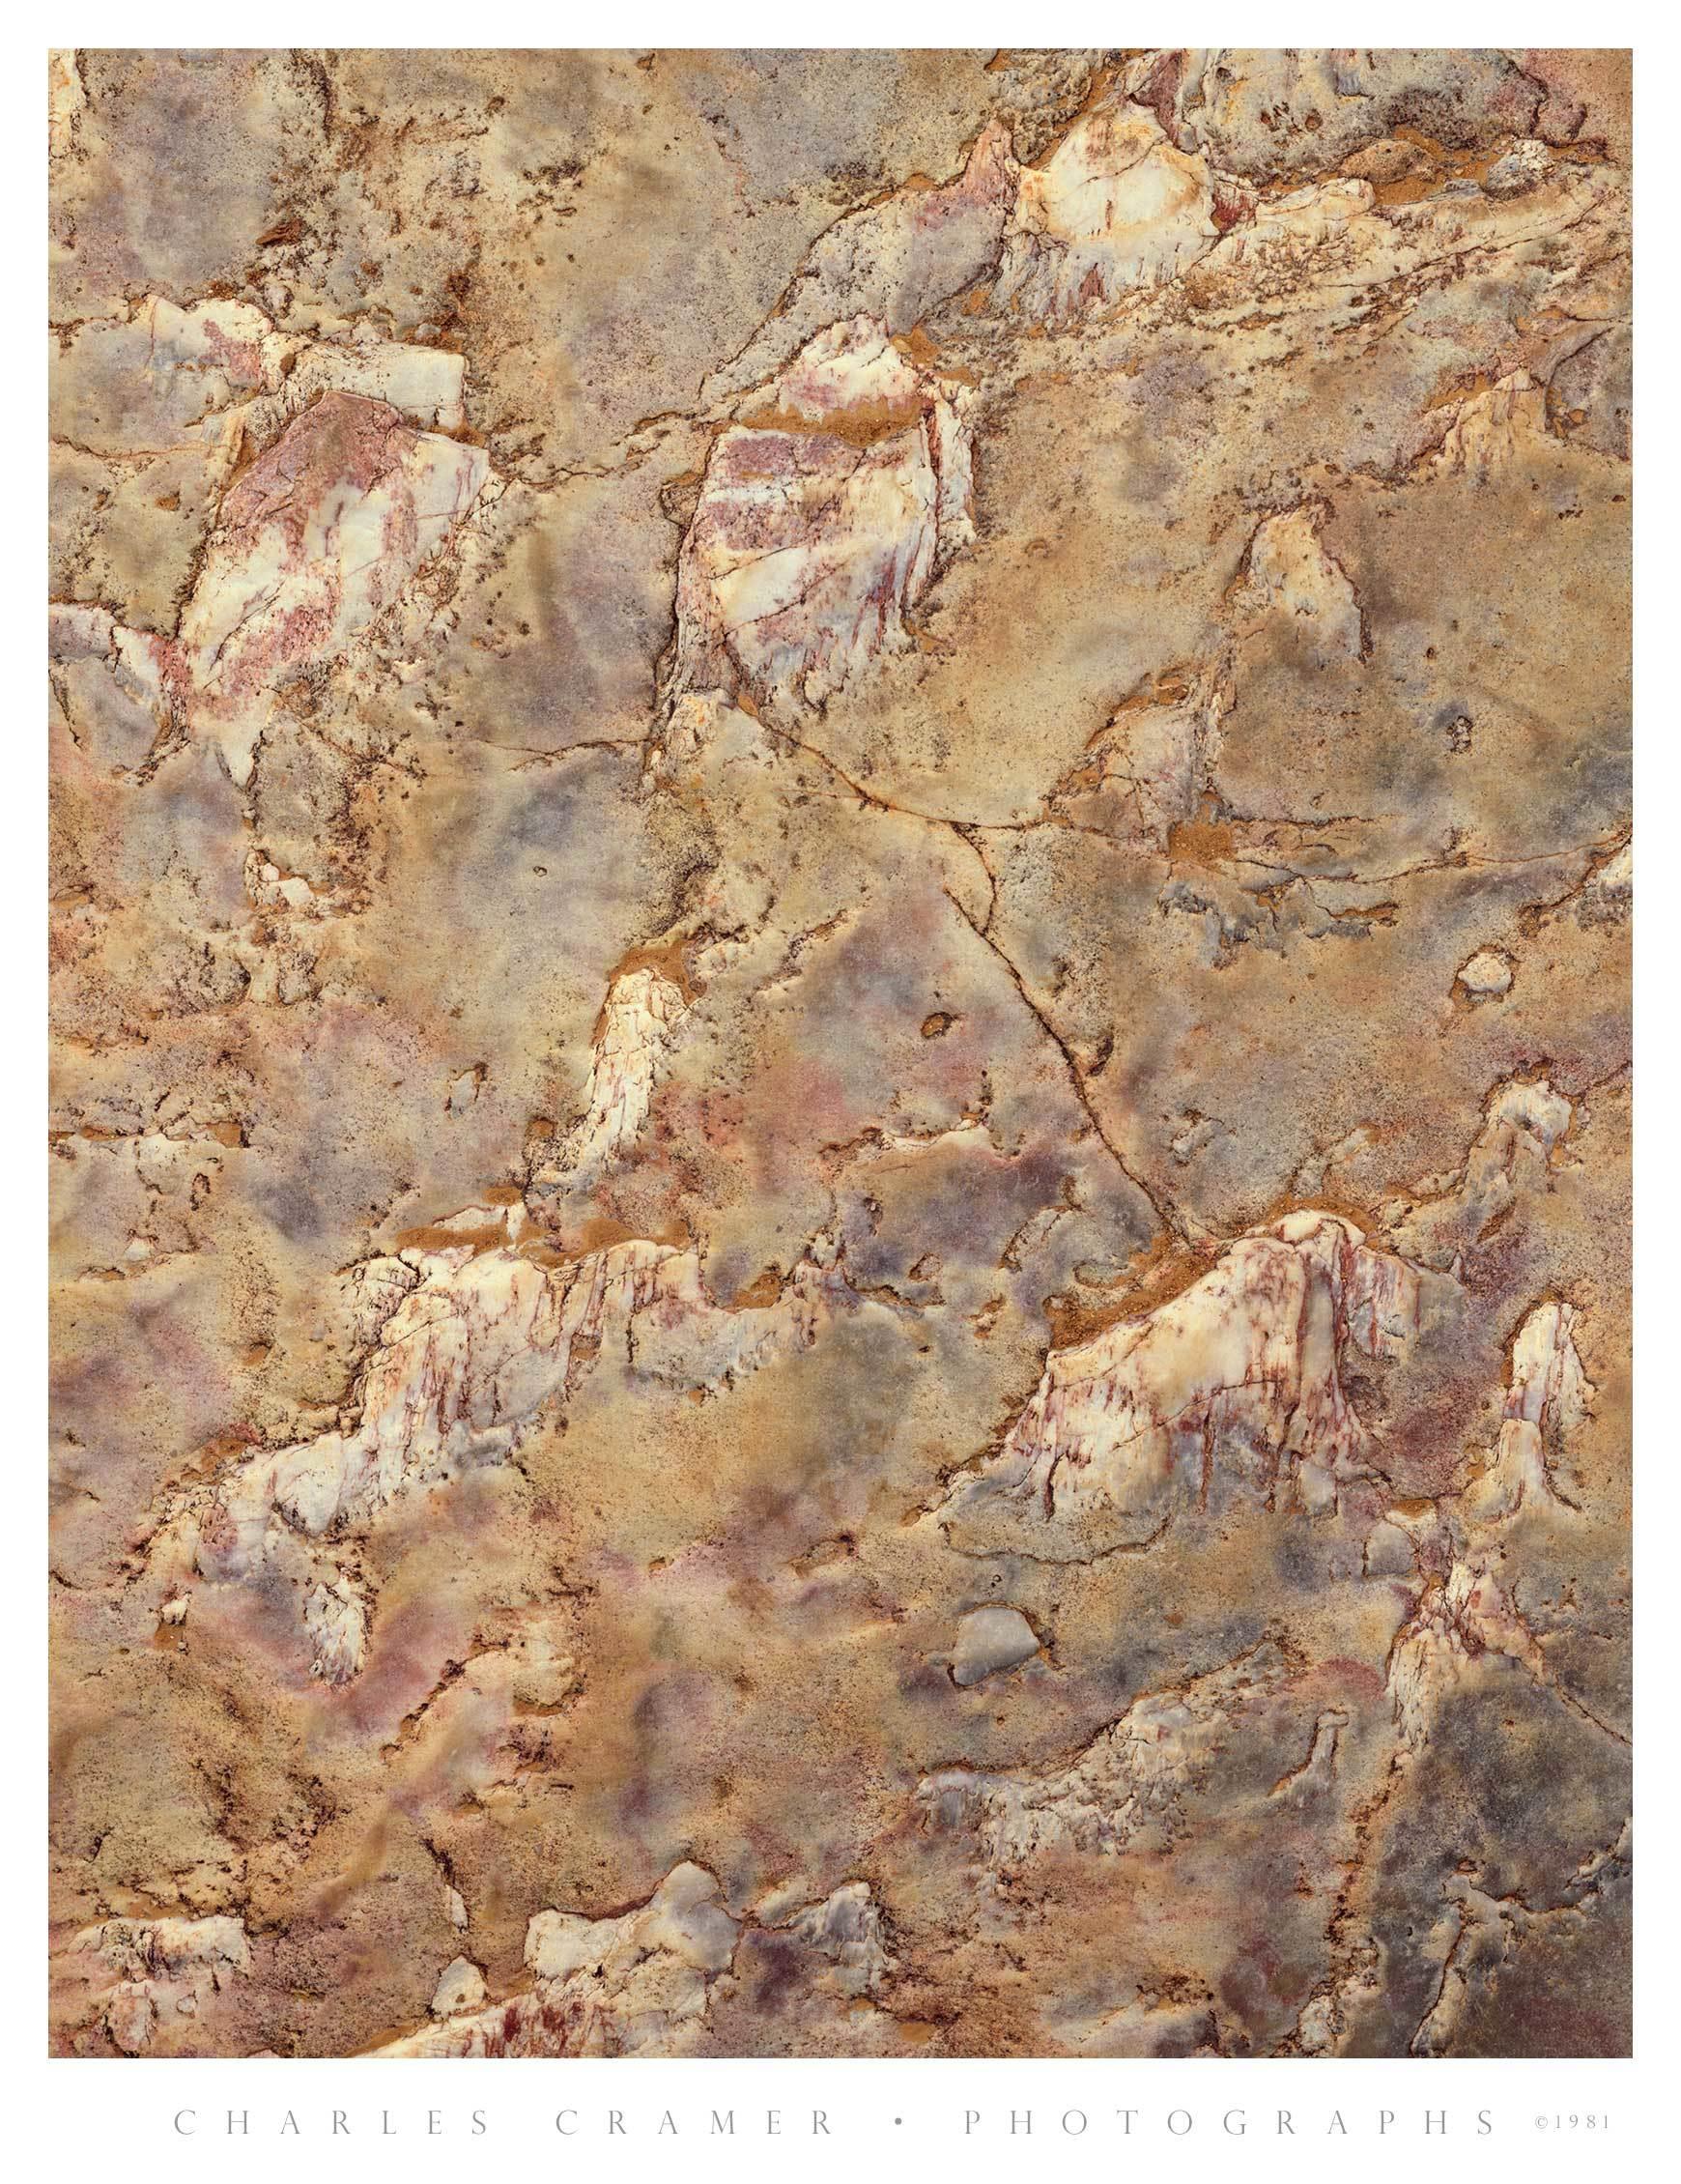 Rock Detail, Ormiston Gorge, Northern Territories, Australia